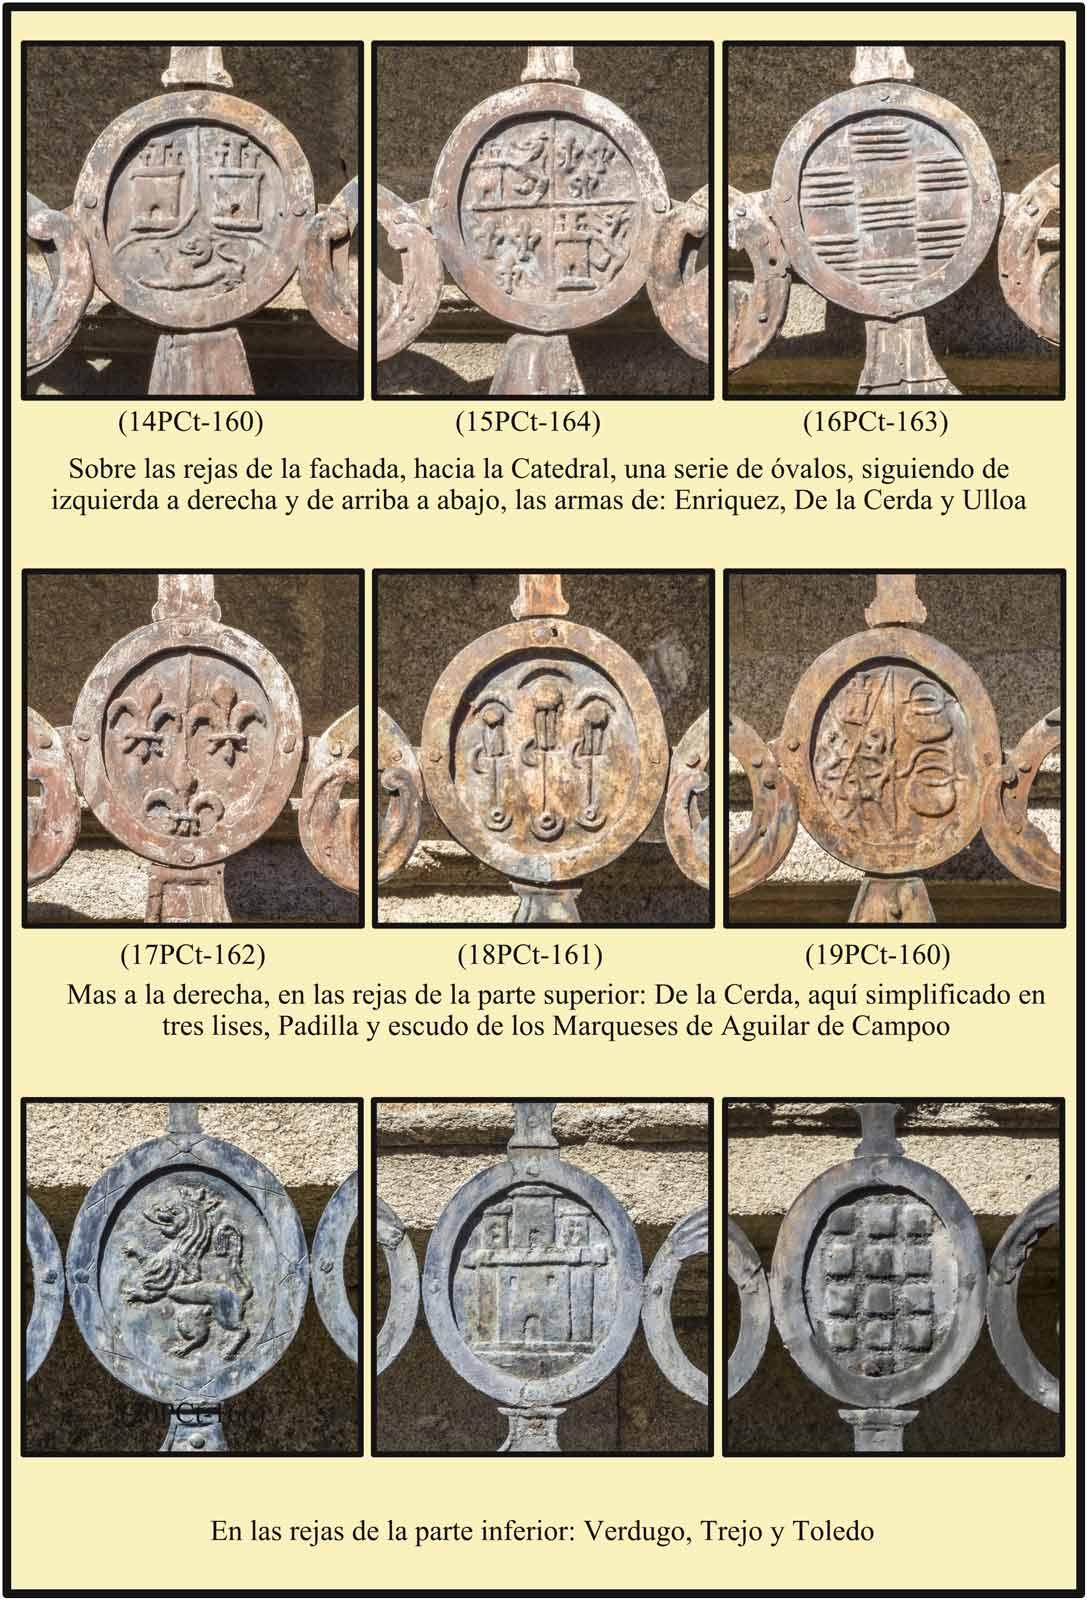 Casa del Dean Ovalos de las rejas con escudos  De la Cerda Padilla Ulloa Enriquez Verdugo Trejo Toledo